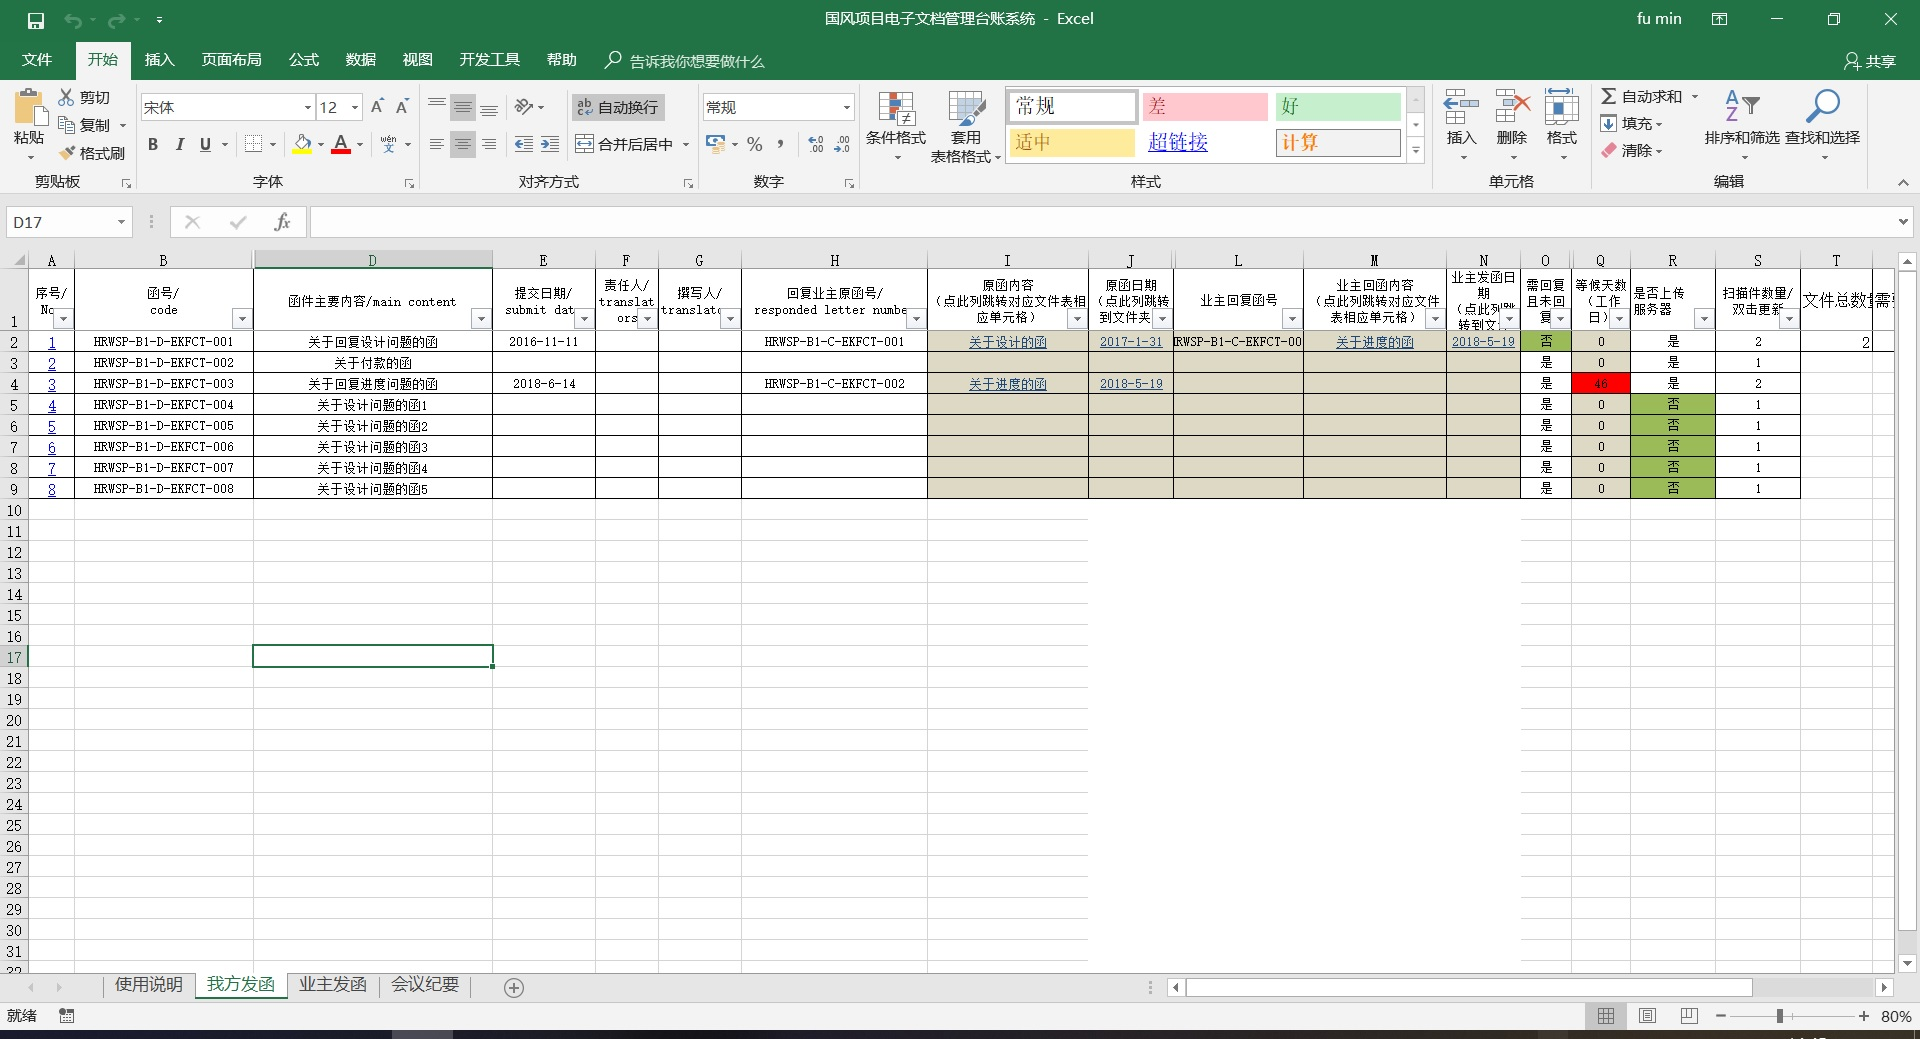 国风项目电子文档管理台账系统截图1